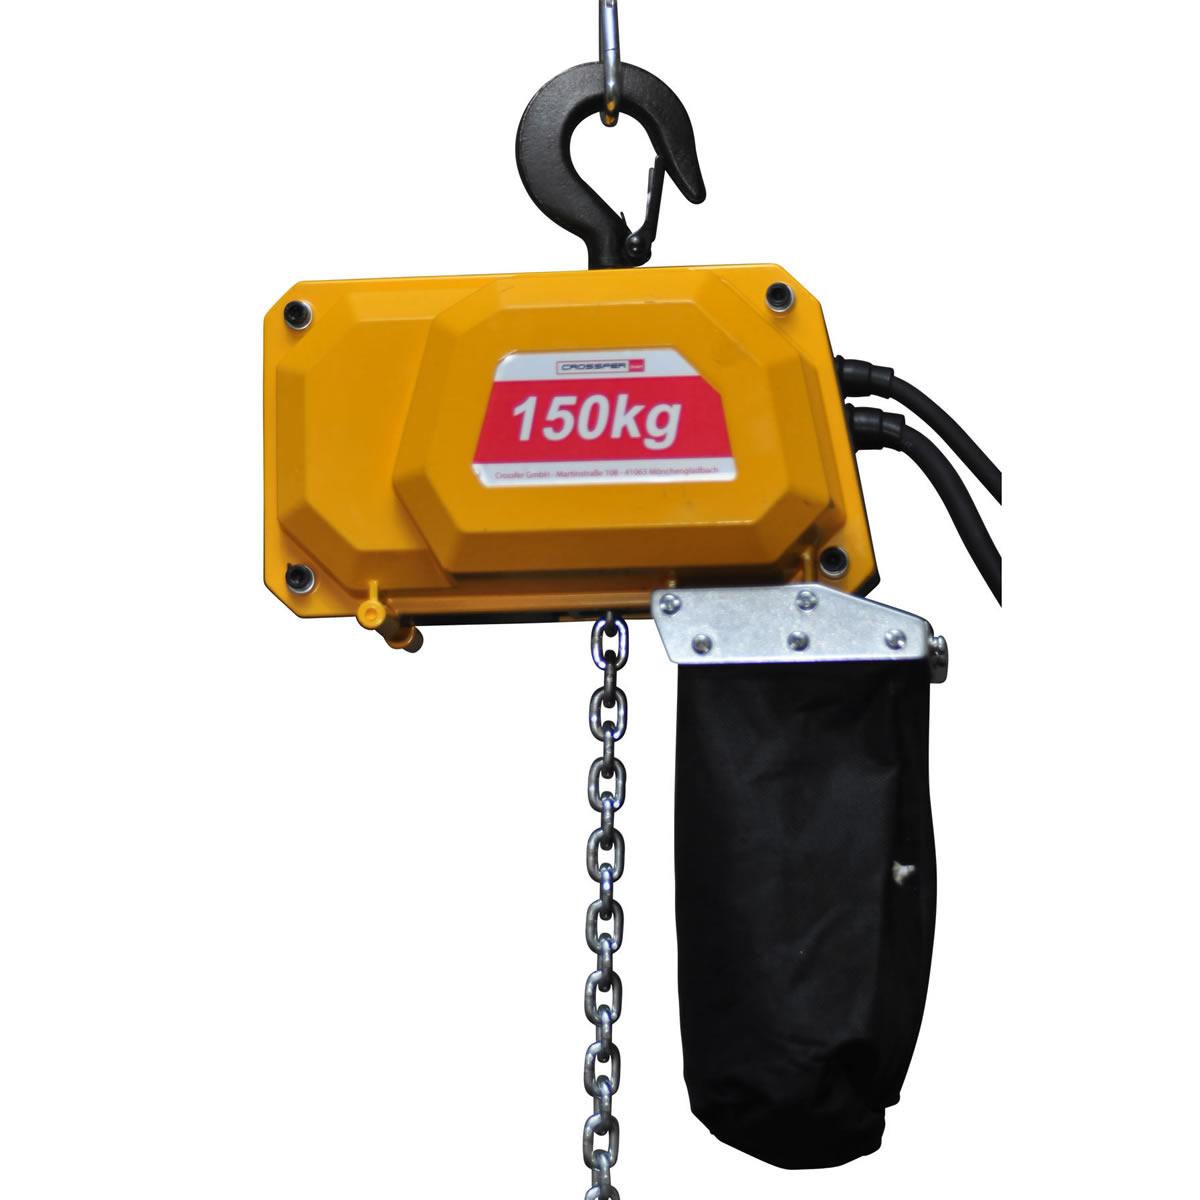 PALAN A CHAINE 150 KG BDH 220V